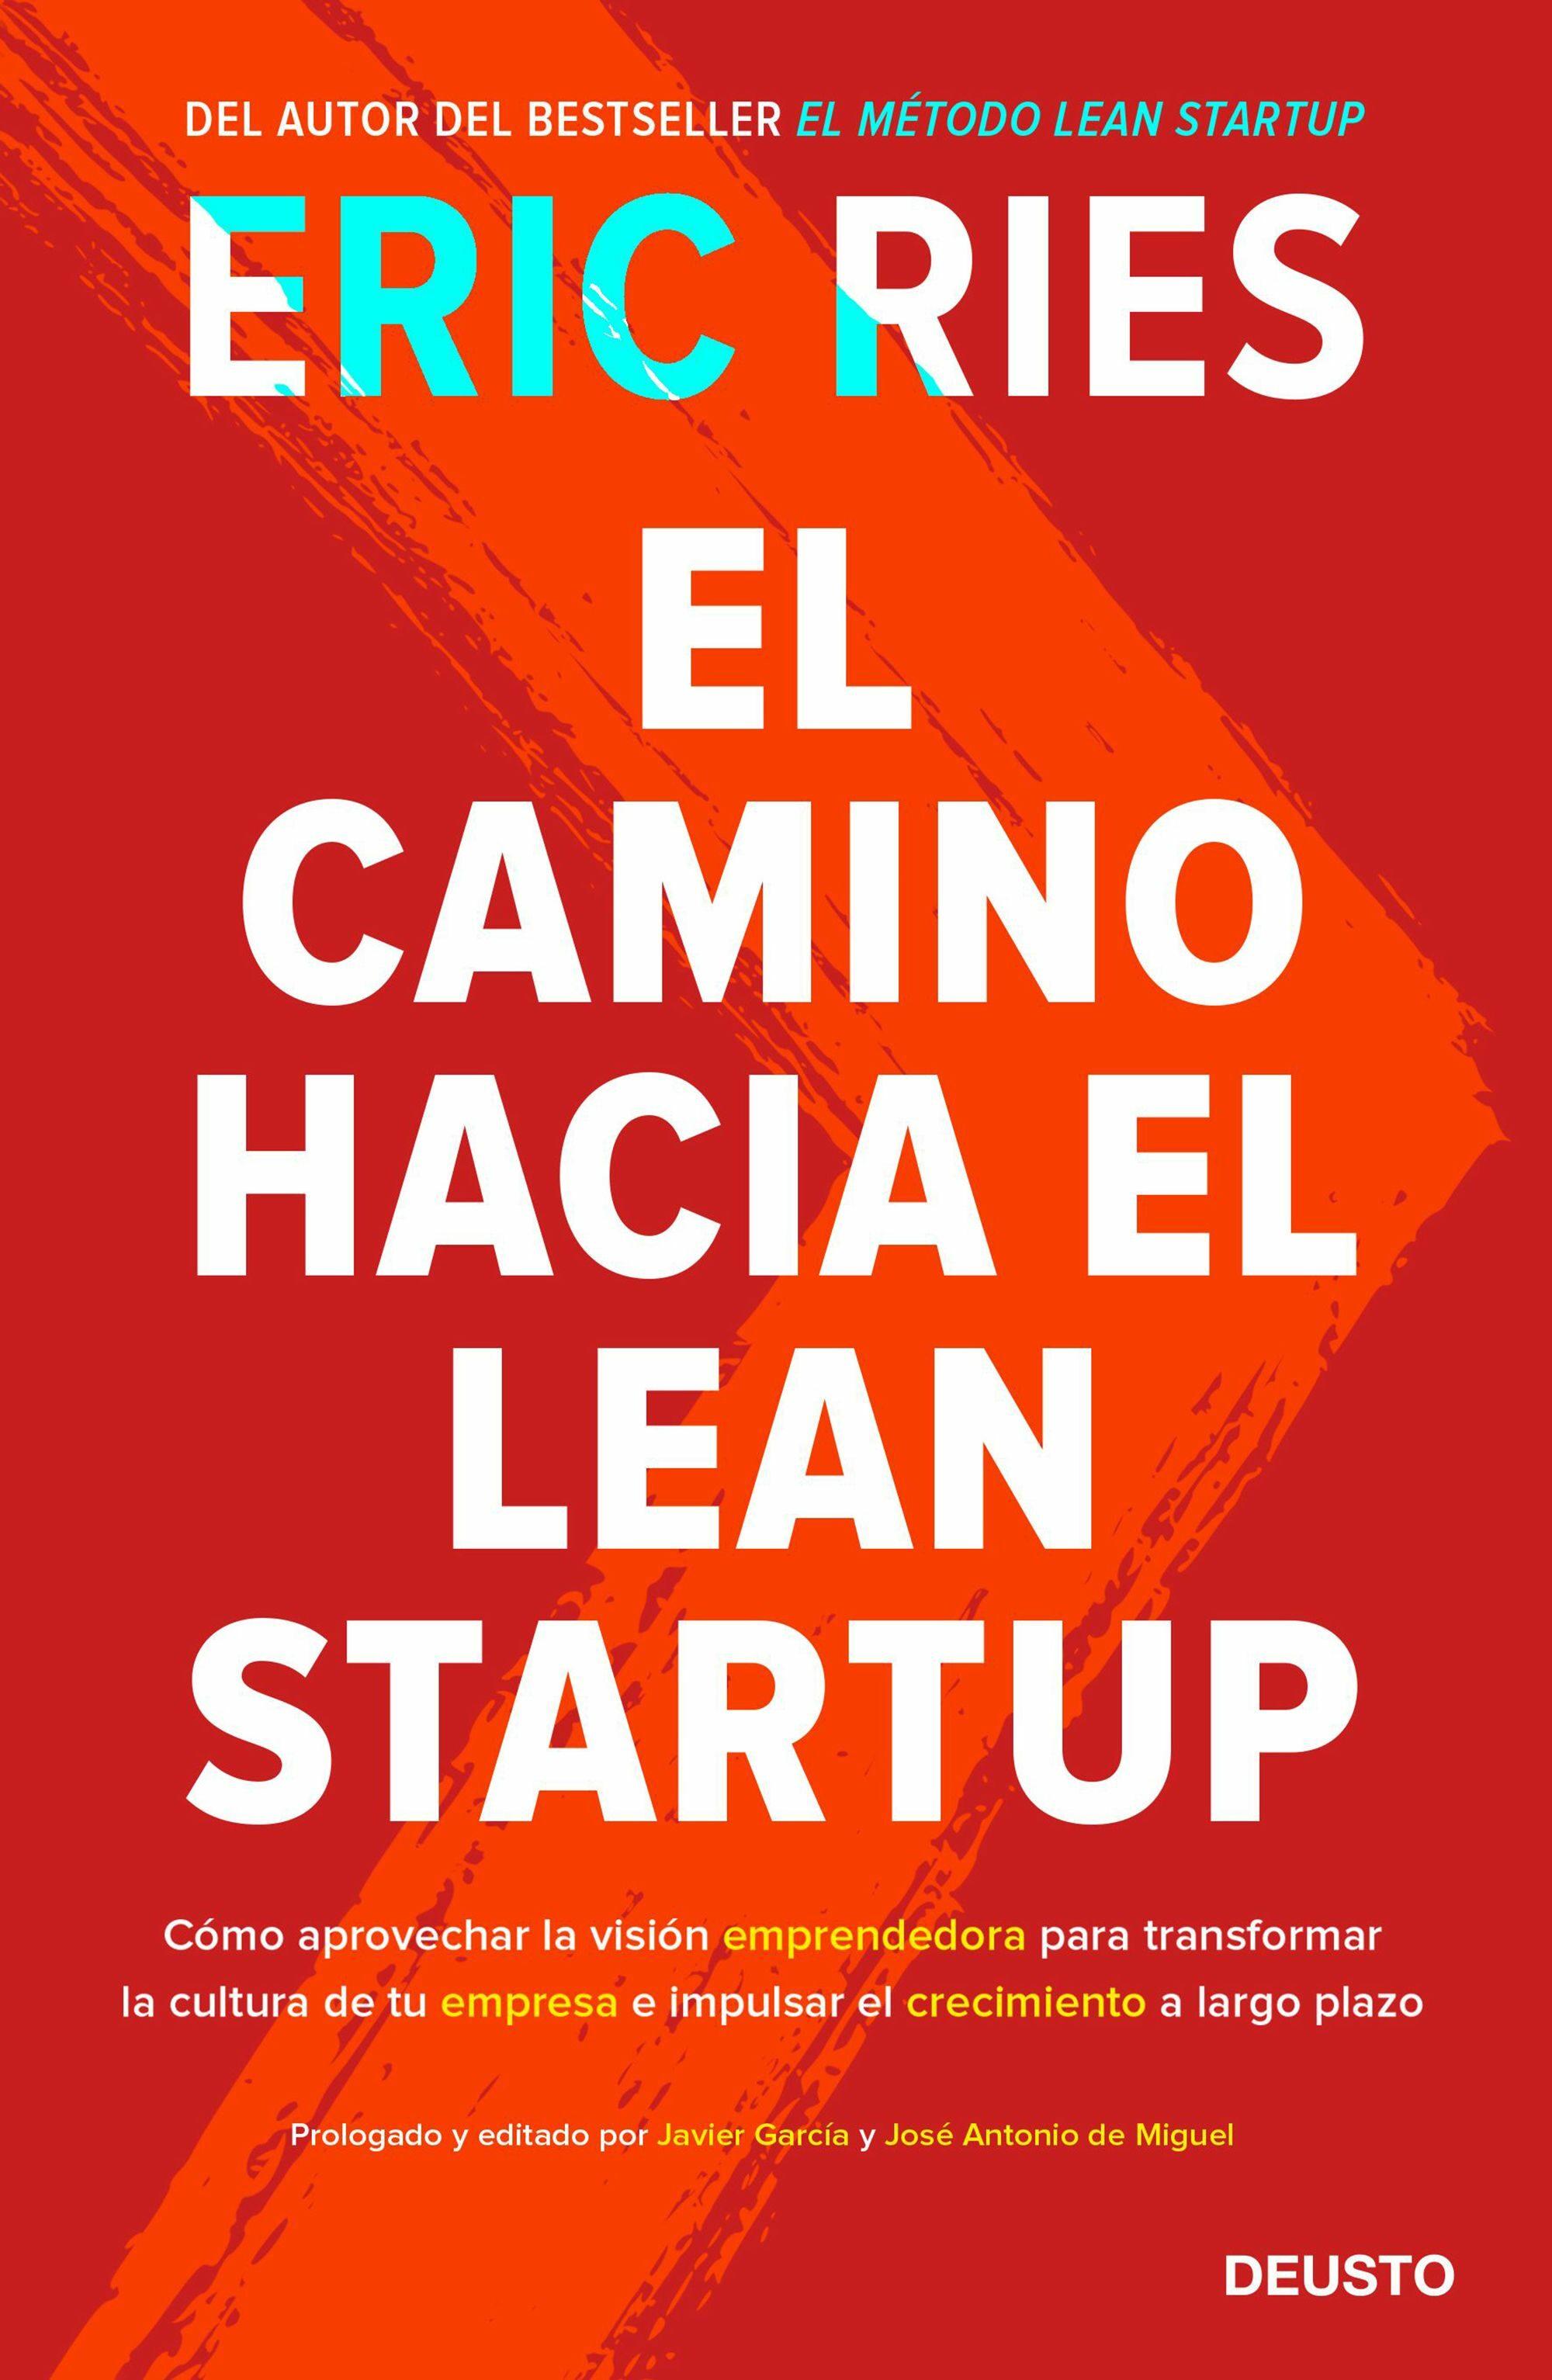 el camino hacia el lean startup-eric ries-9788423429196